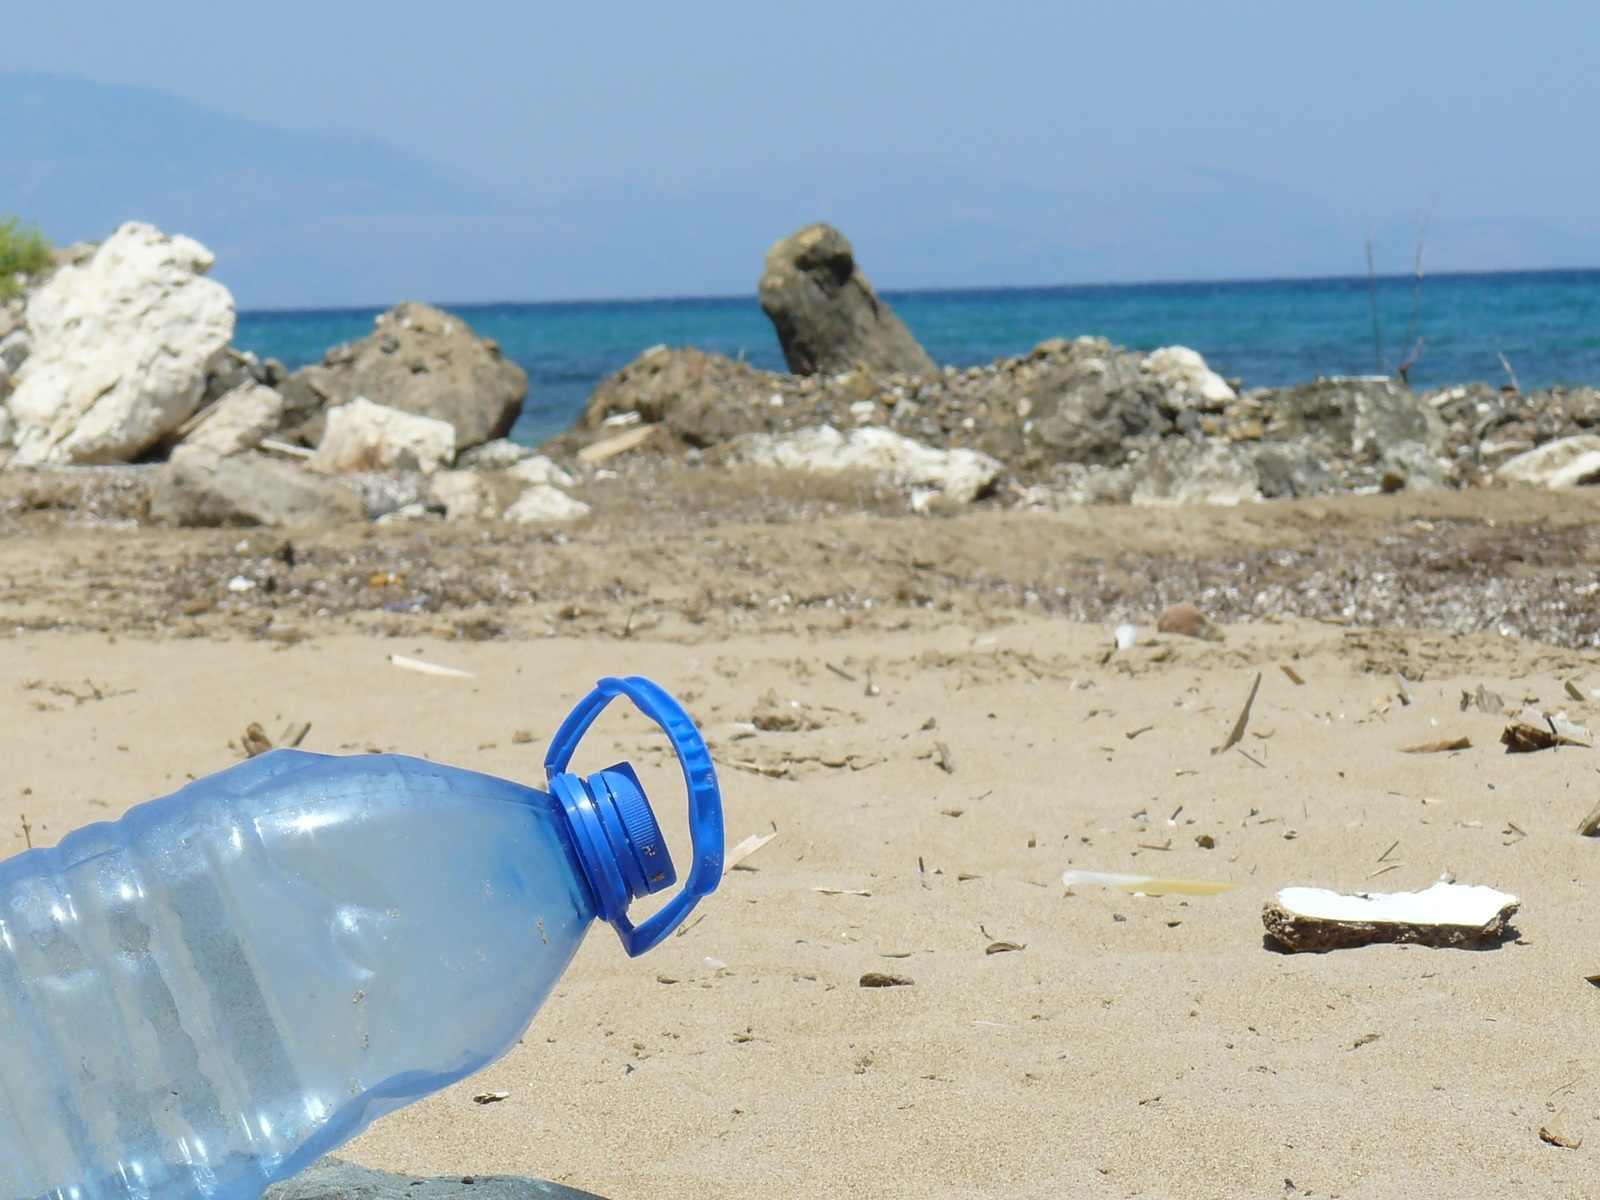 В Новороссийске откроют музей пляжного мусора, из которого будут делать мебель